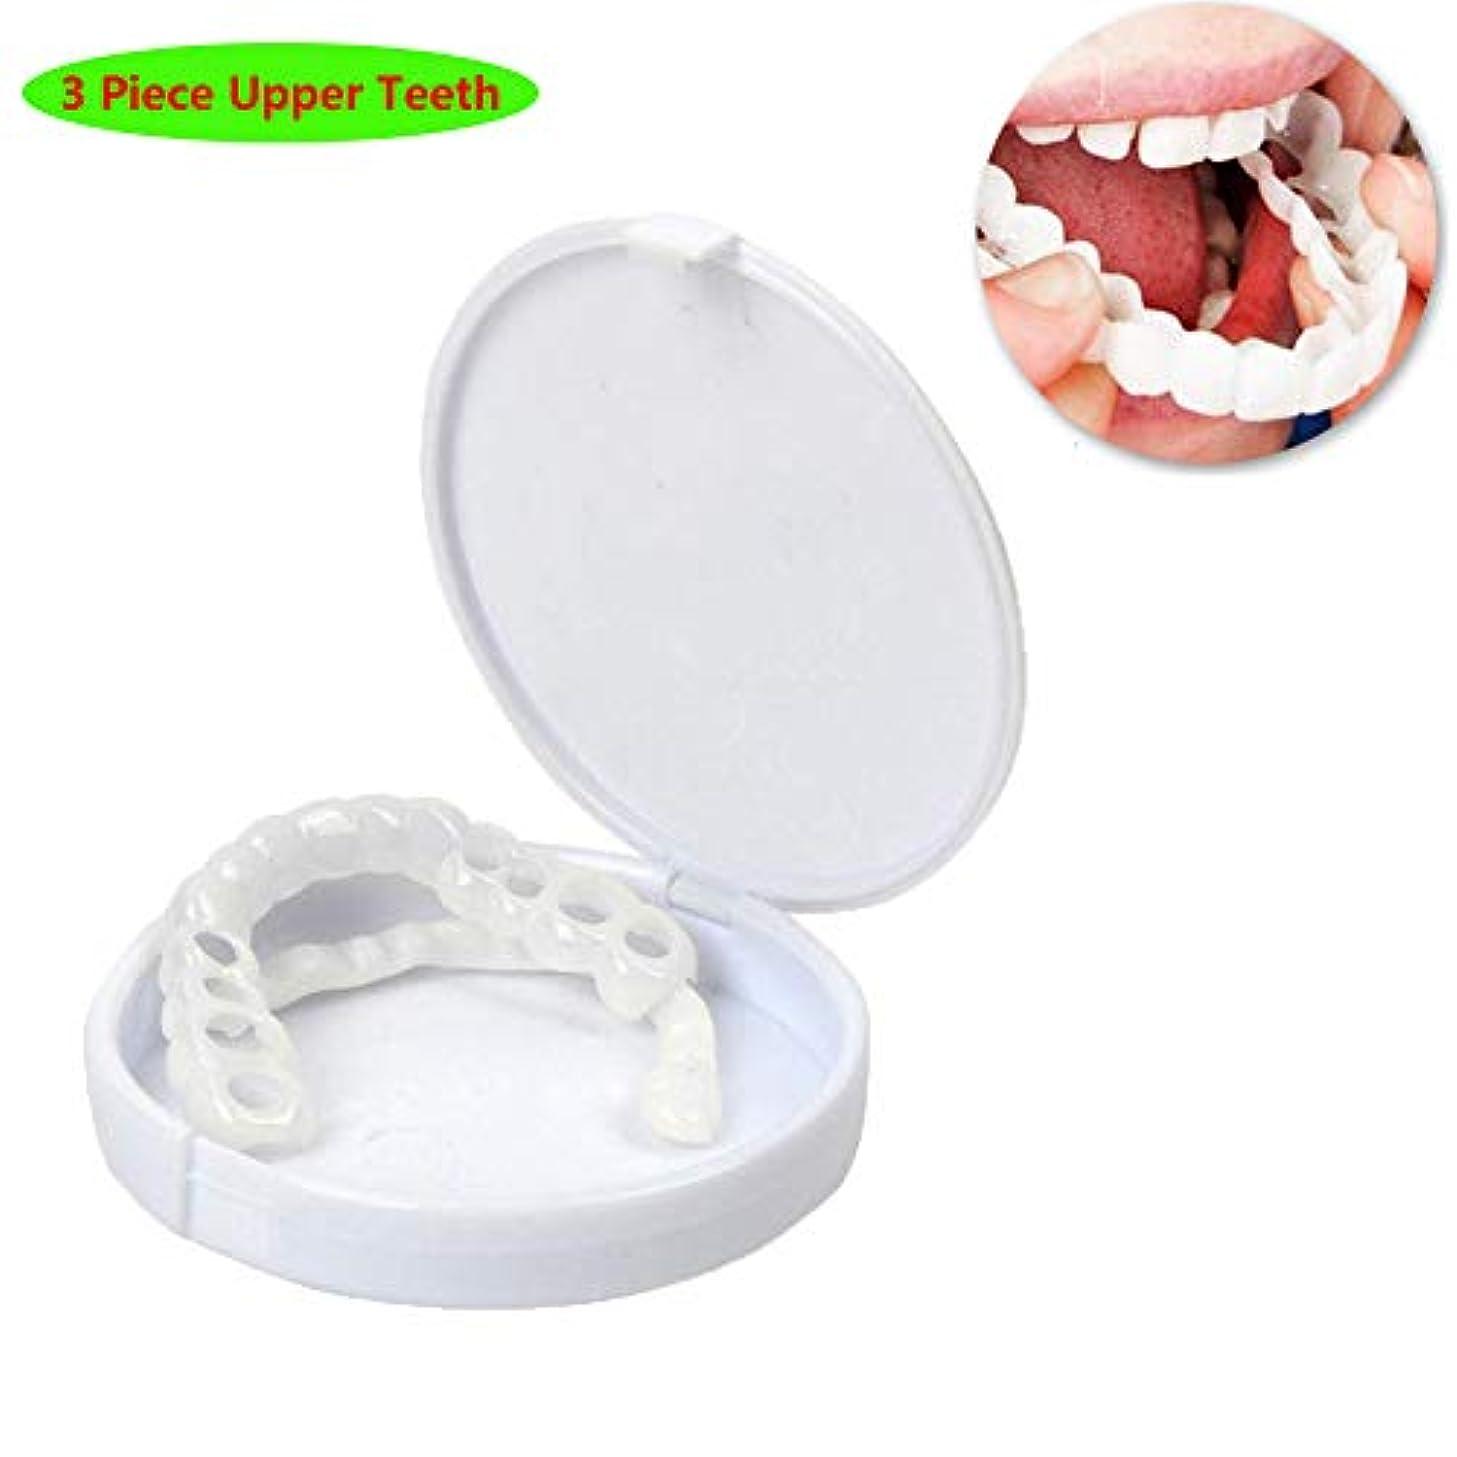 聖書カフェテリア寸法3枚の一時的な化粧品の歯入れ歯の歯の化粧品のシミュレーションの上部の袖口、白くなる歯のスナップの帽子の即刻の慰めの柔らかい完全なベニヤ